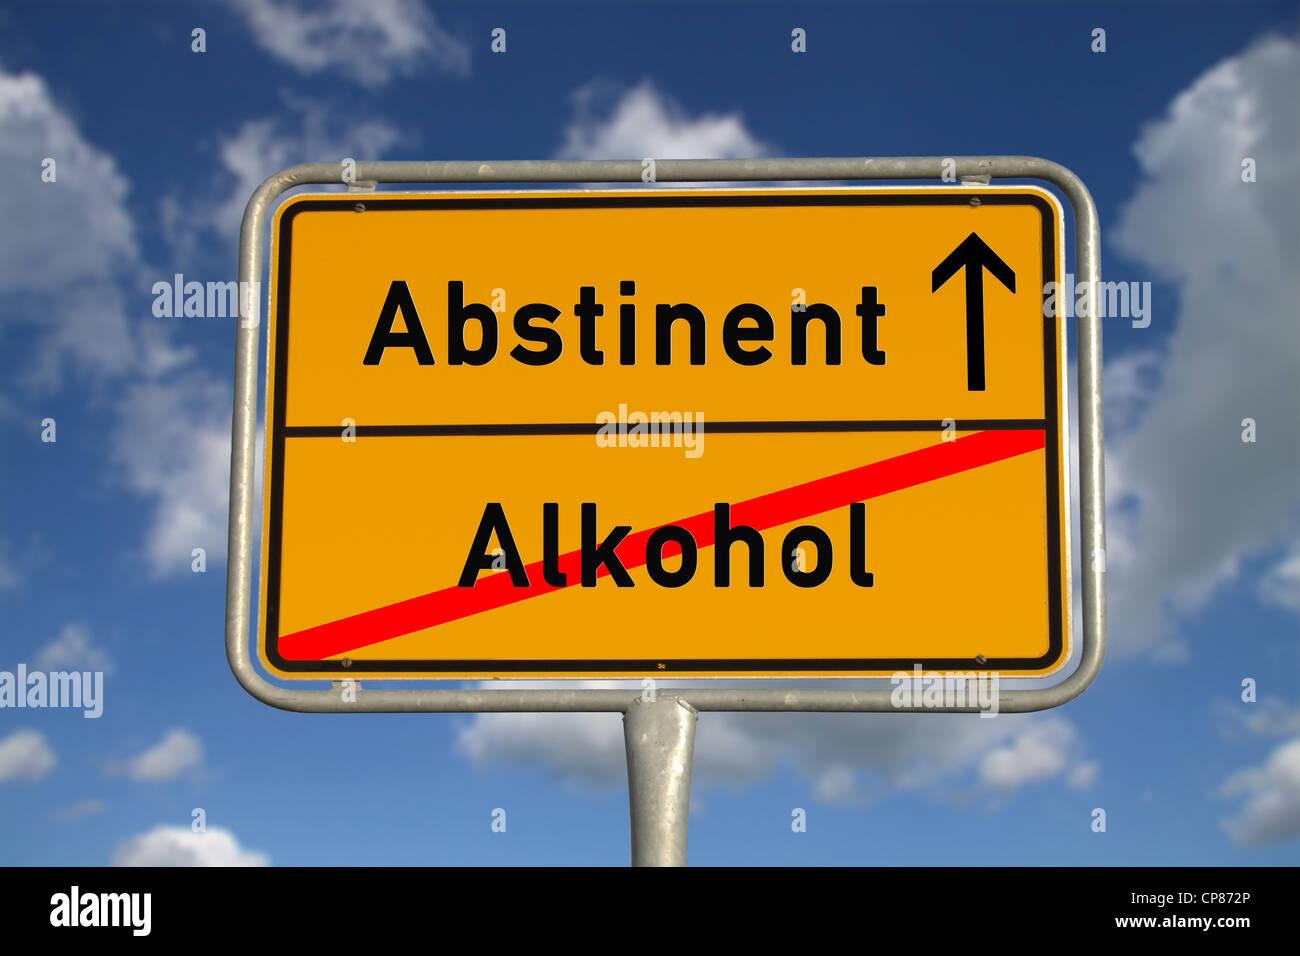 Abstinent Leben Alkohol